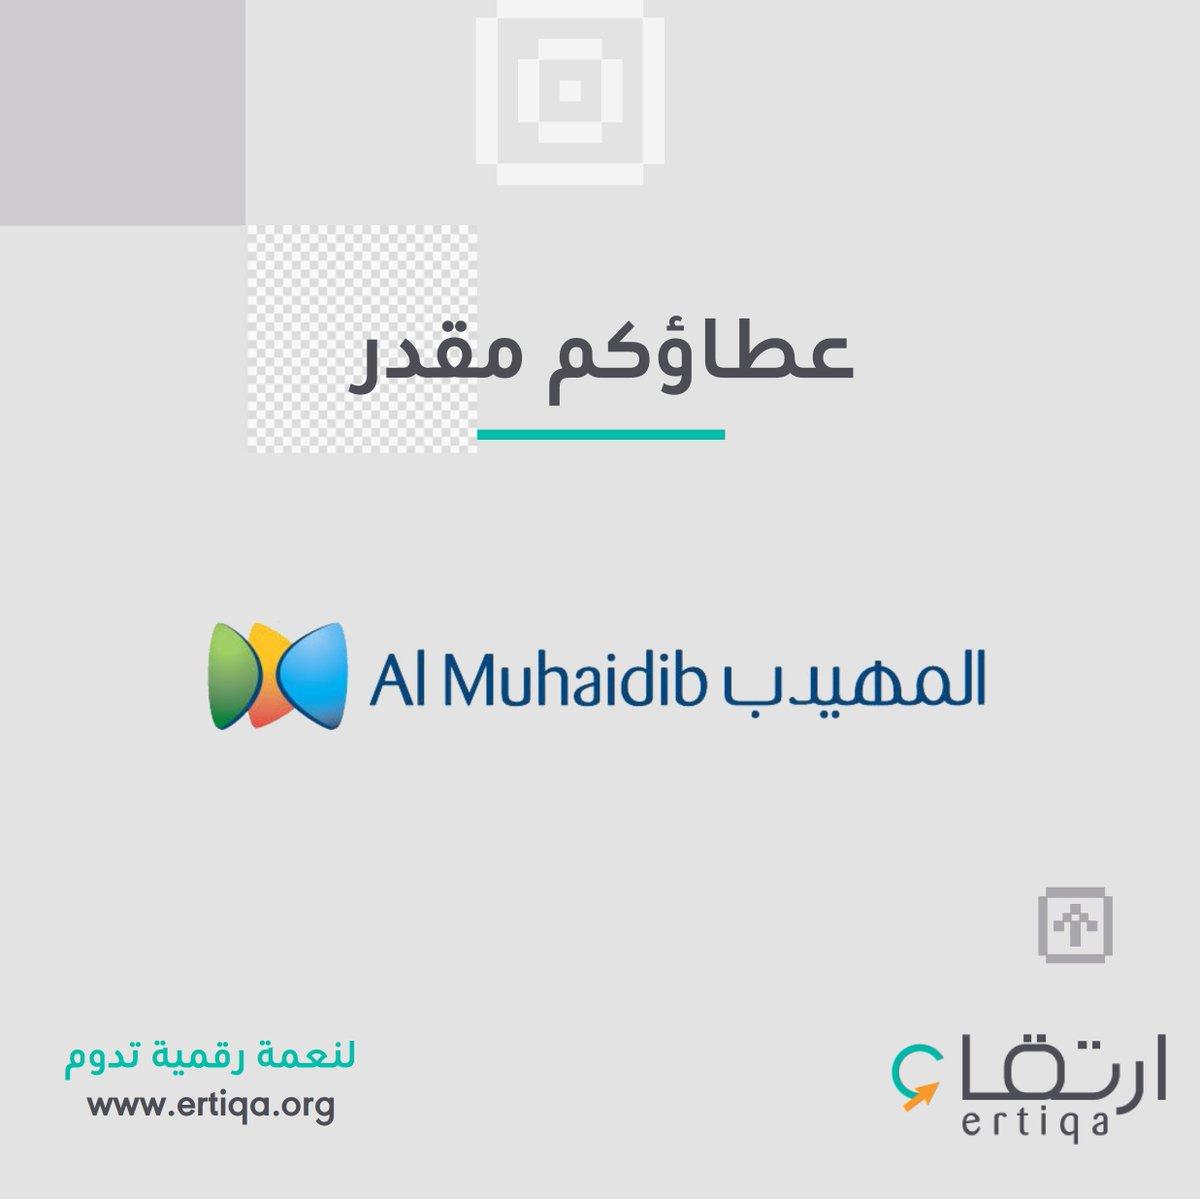 عطاؤكم مقدر،،   @AlMuhaidibGroup   #تعليمهم_لايوقف_2 #ارتقاء